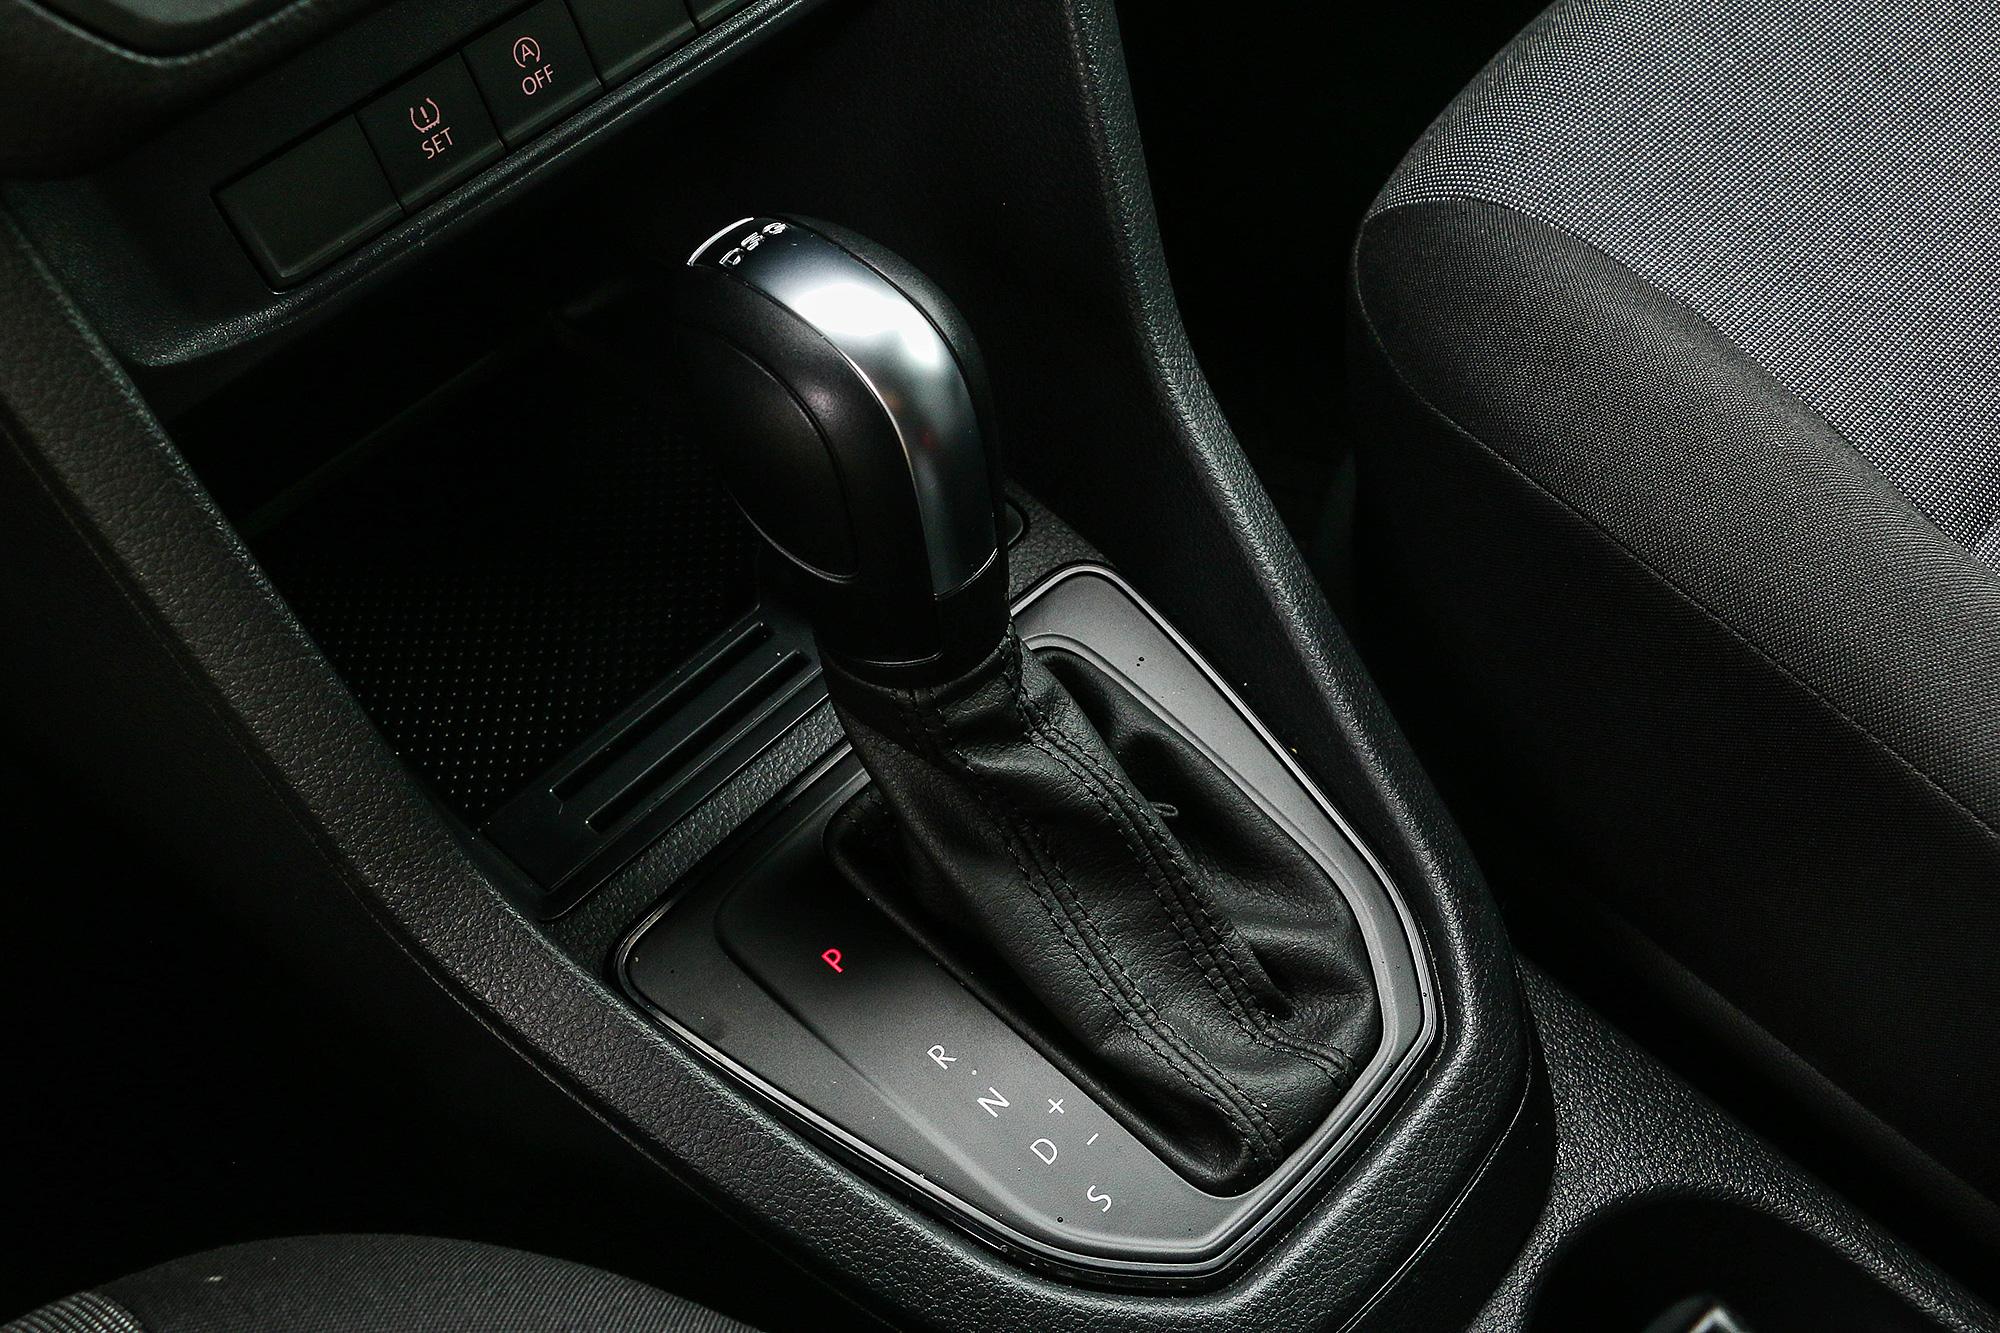 DSG 自手排車型的推出,為 Caddy Van 車系增添更多實用性。